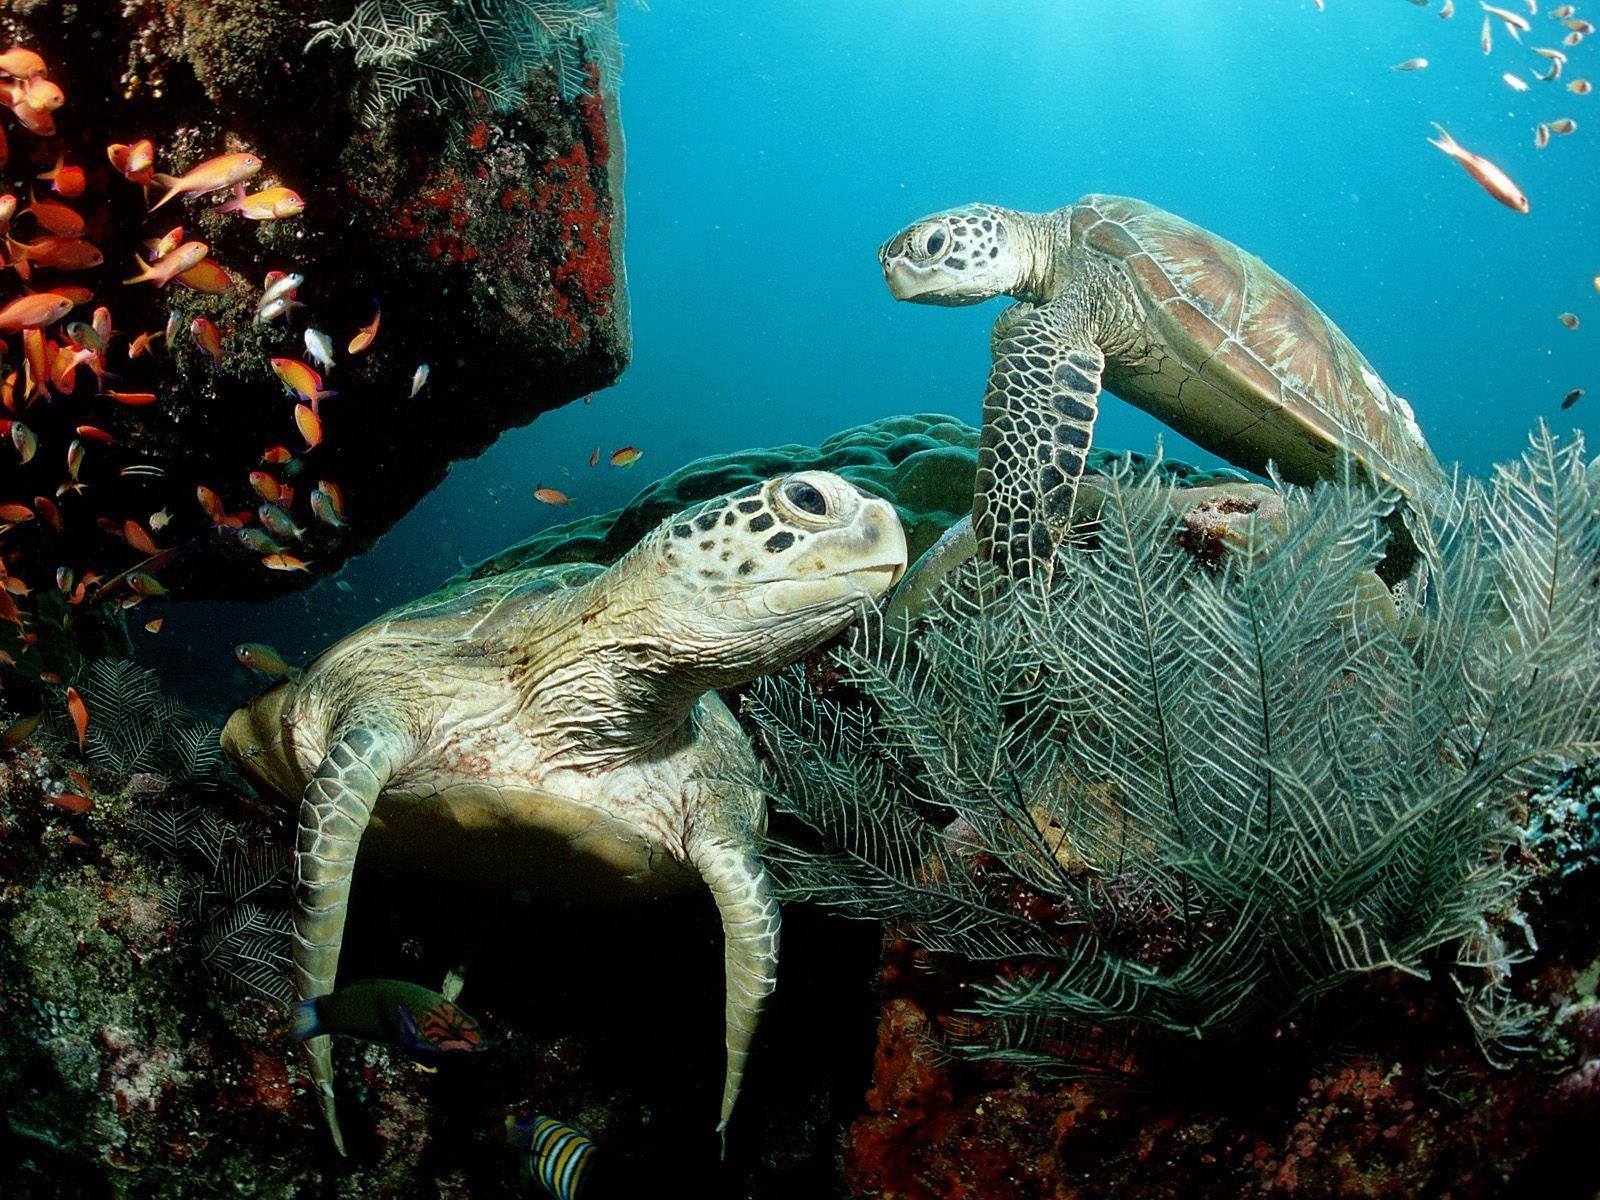 Sea Turtle Fishing Fish Turtles Sea Turtles